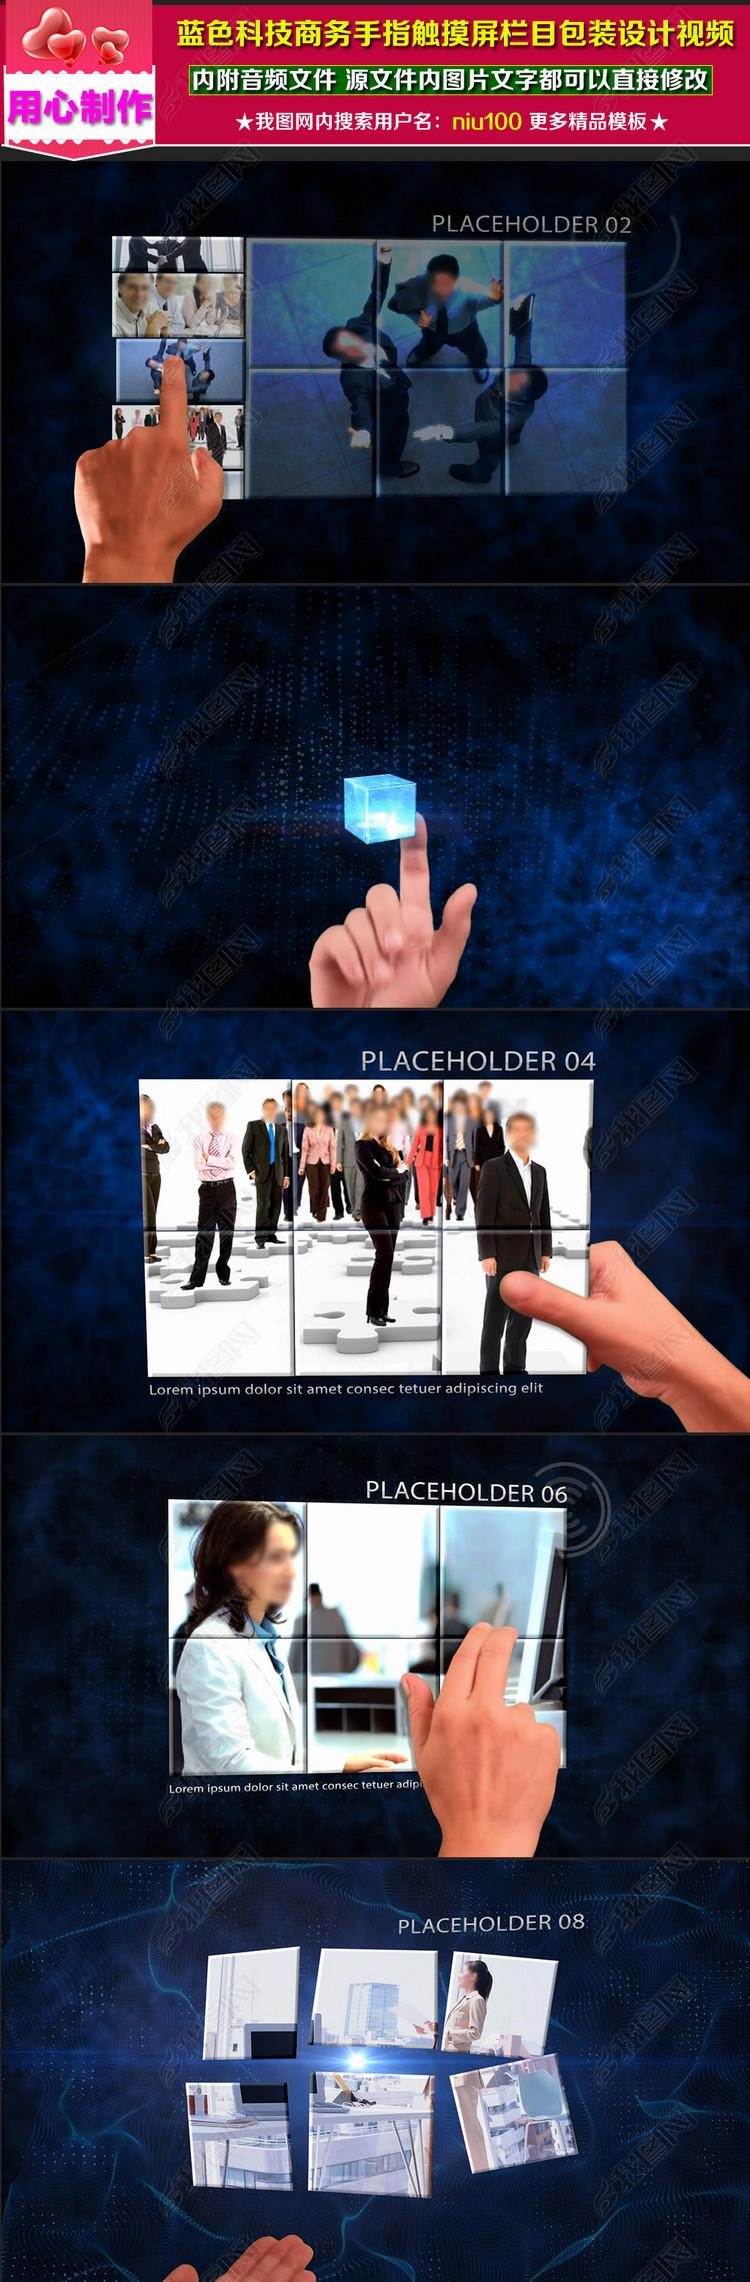 蓝色科技商务手指触摸屏栏目包装设计视频